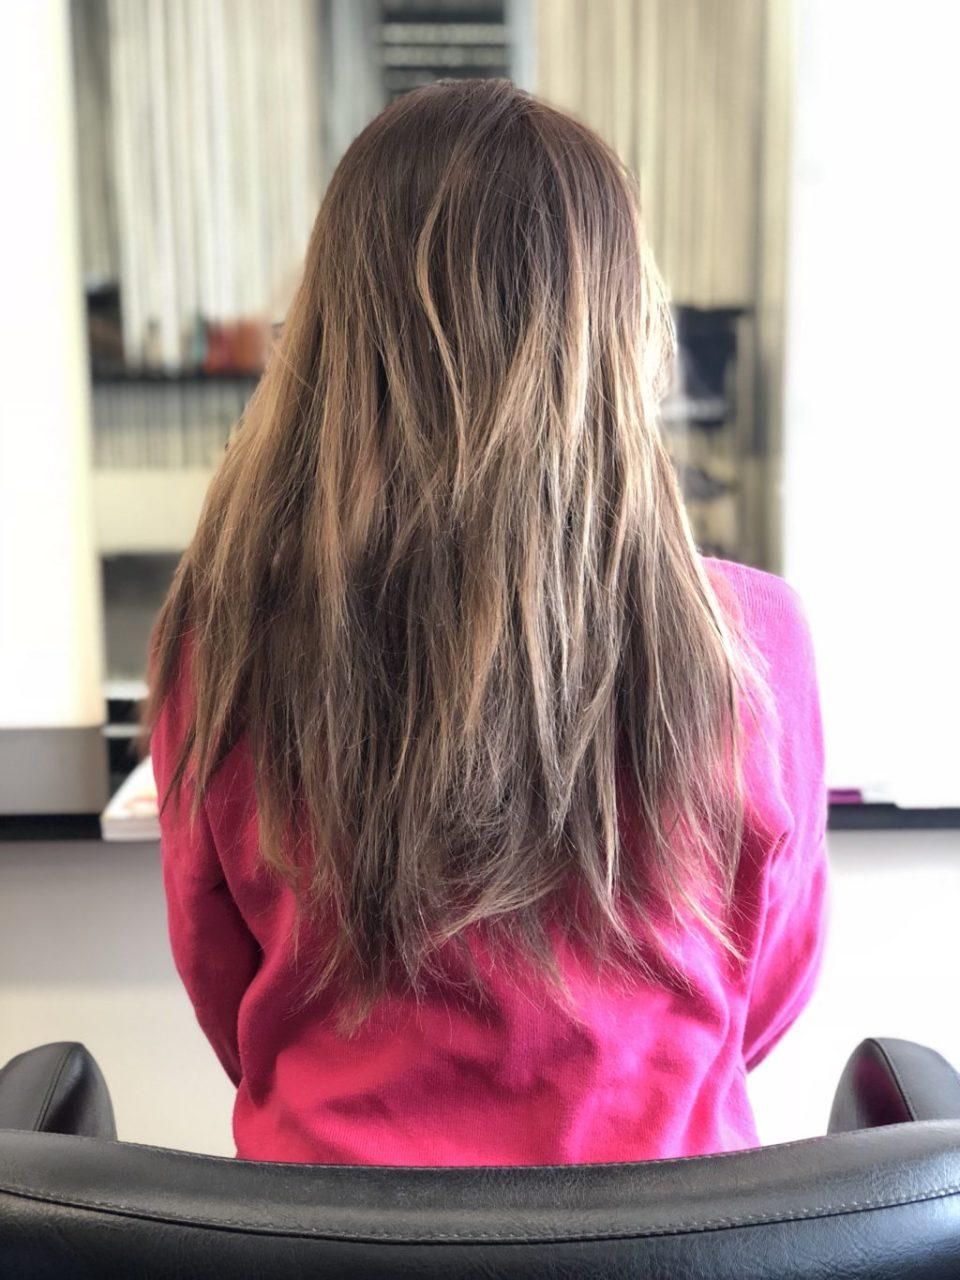 レプロナイザーを使用前の髪の毛